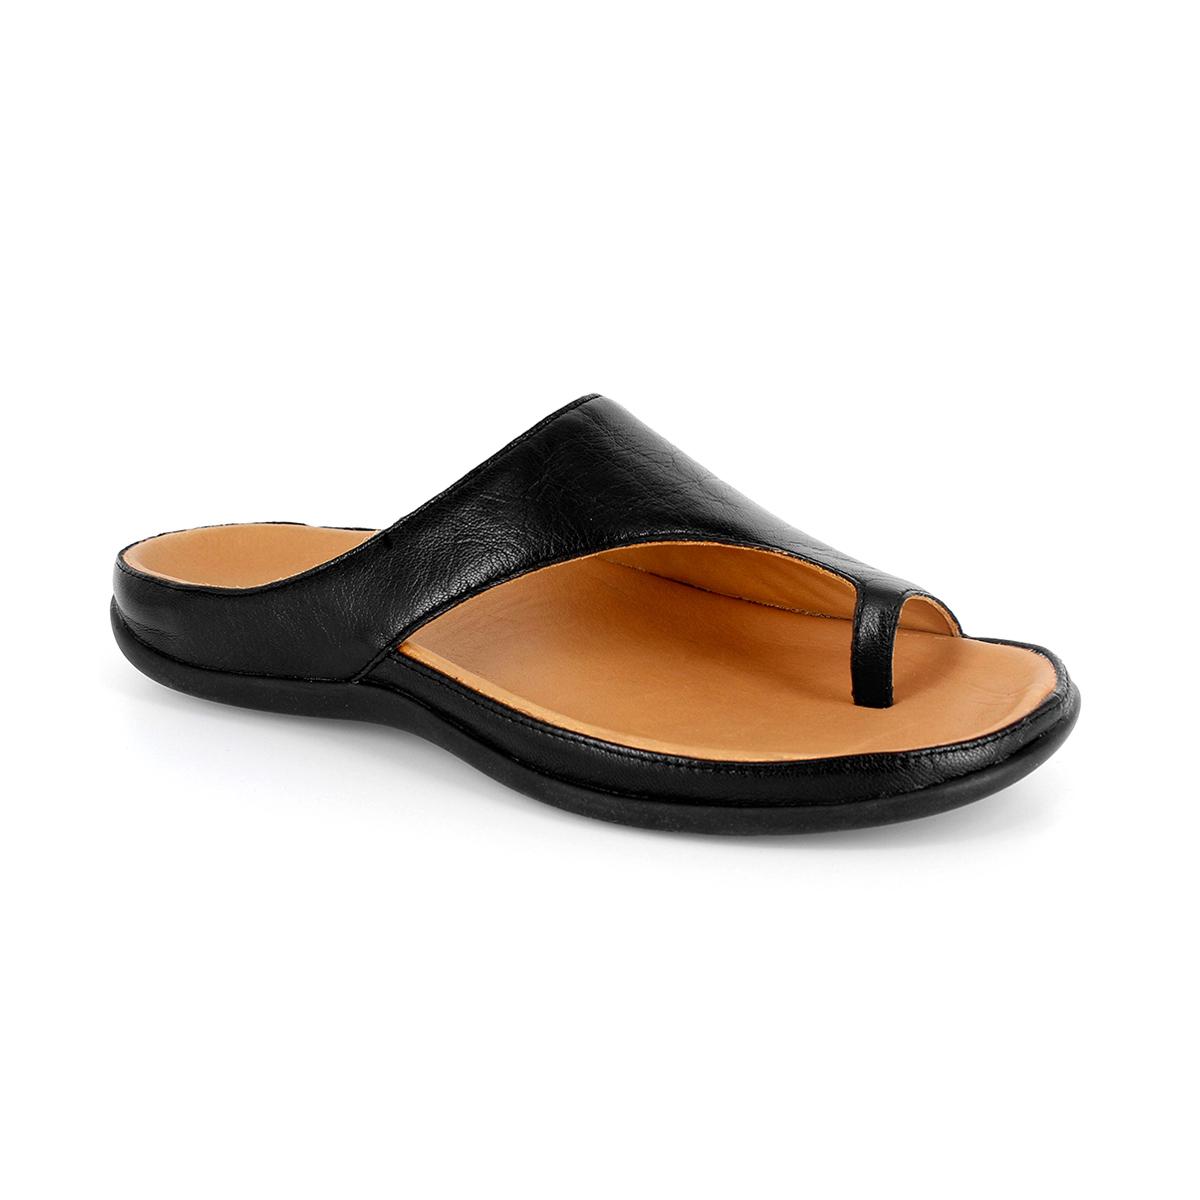 スニーカー感覚で歩き回れる「サンダル」|CAPRIレザーインソール (23-23.5cm) 独自開発の立体インソールで、スニーカーみたいに歩き回れる「サンダル」|strive